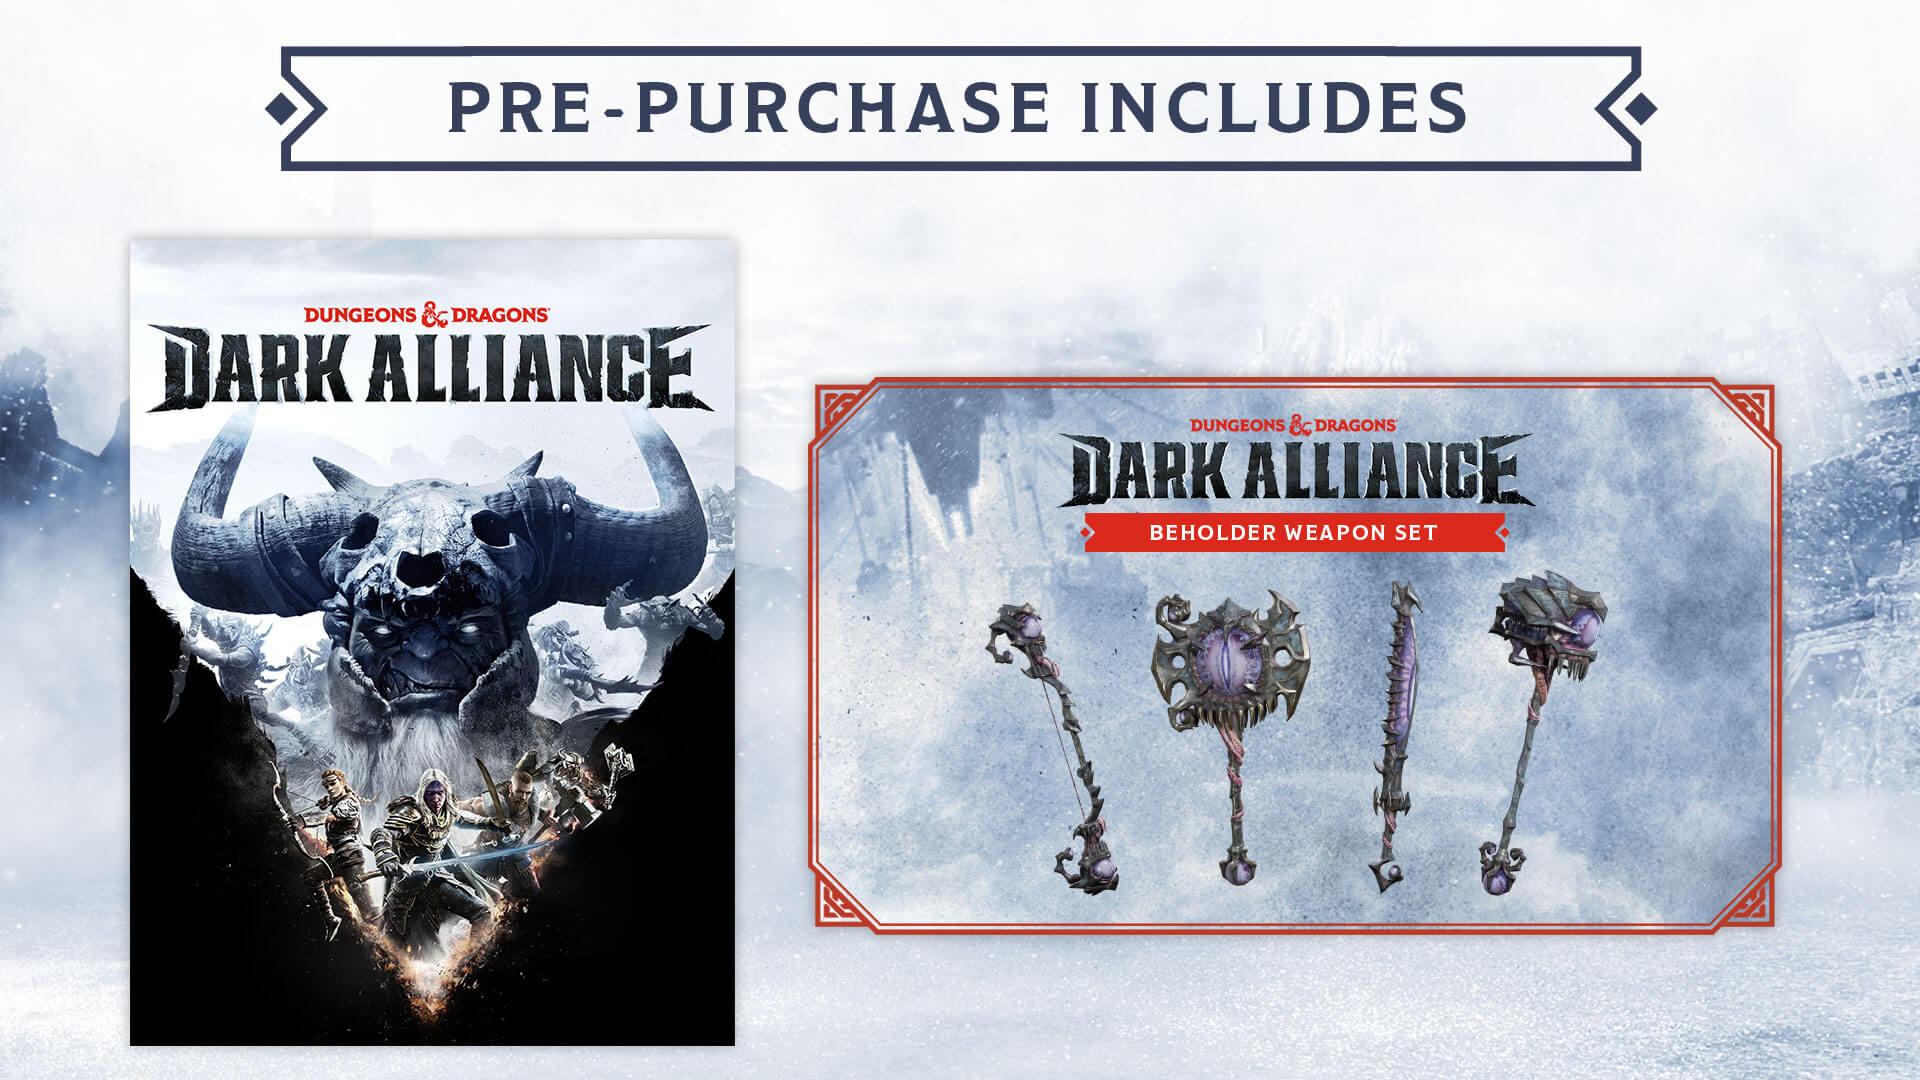 DarkAlliance Epic Pre Purchase